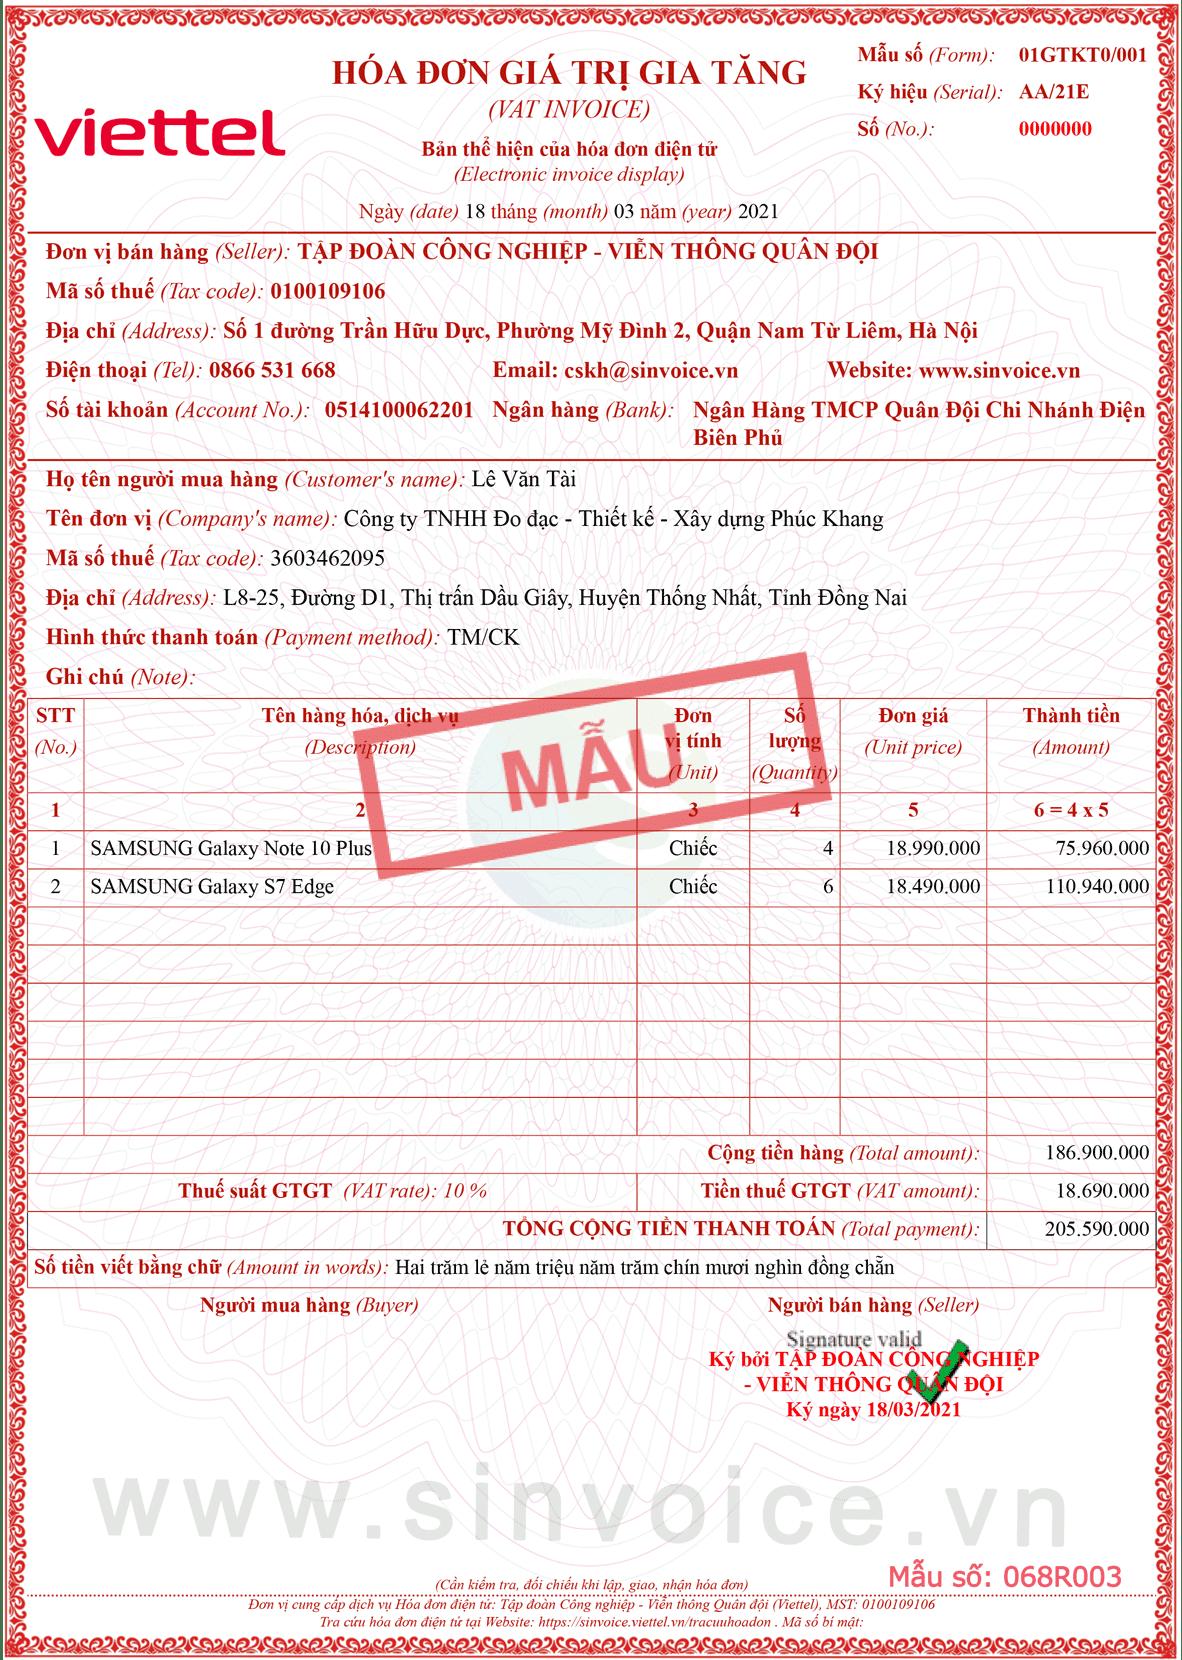 Mẫu hóa đơn điện tử số 068R003